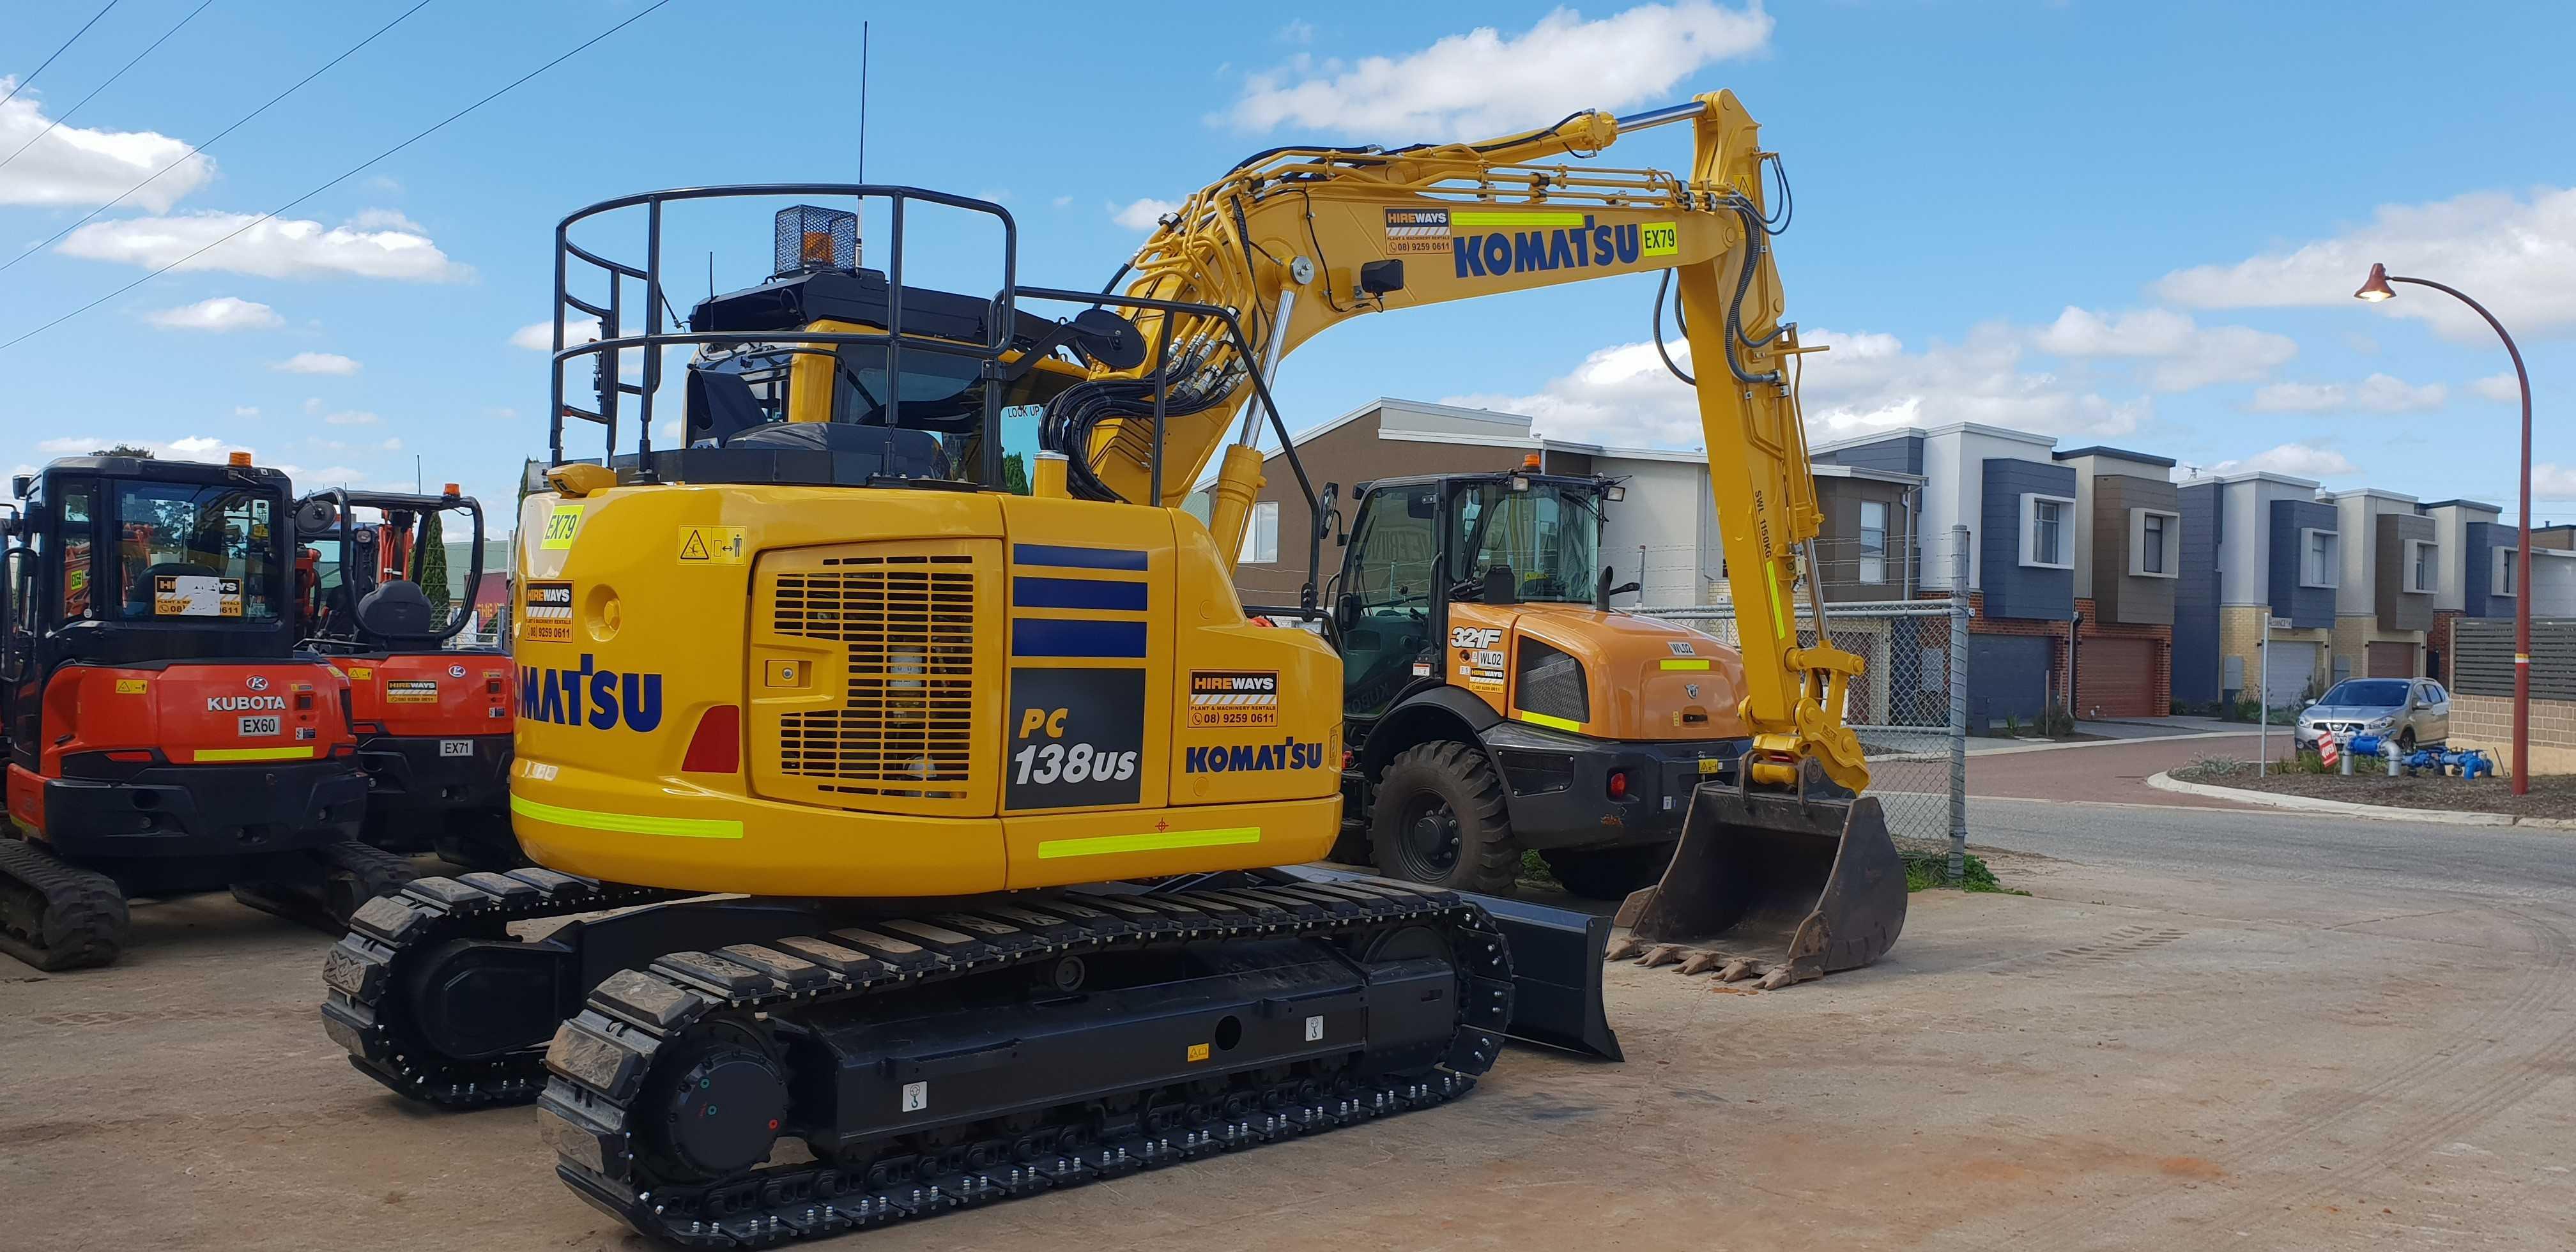 Hire 15T Zero Swing Excavator